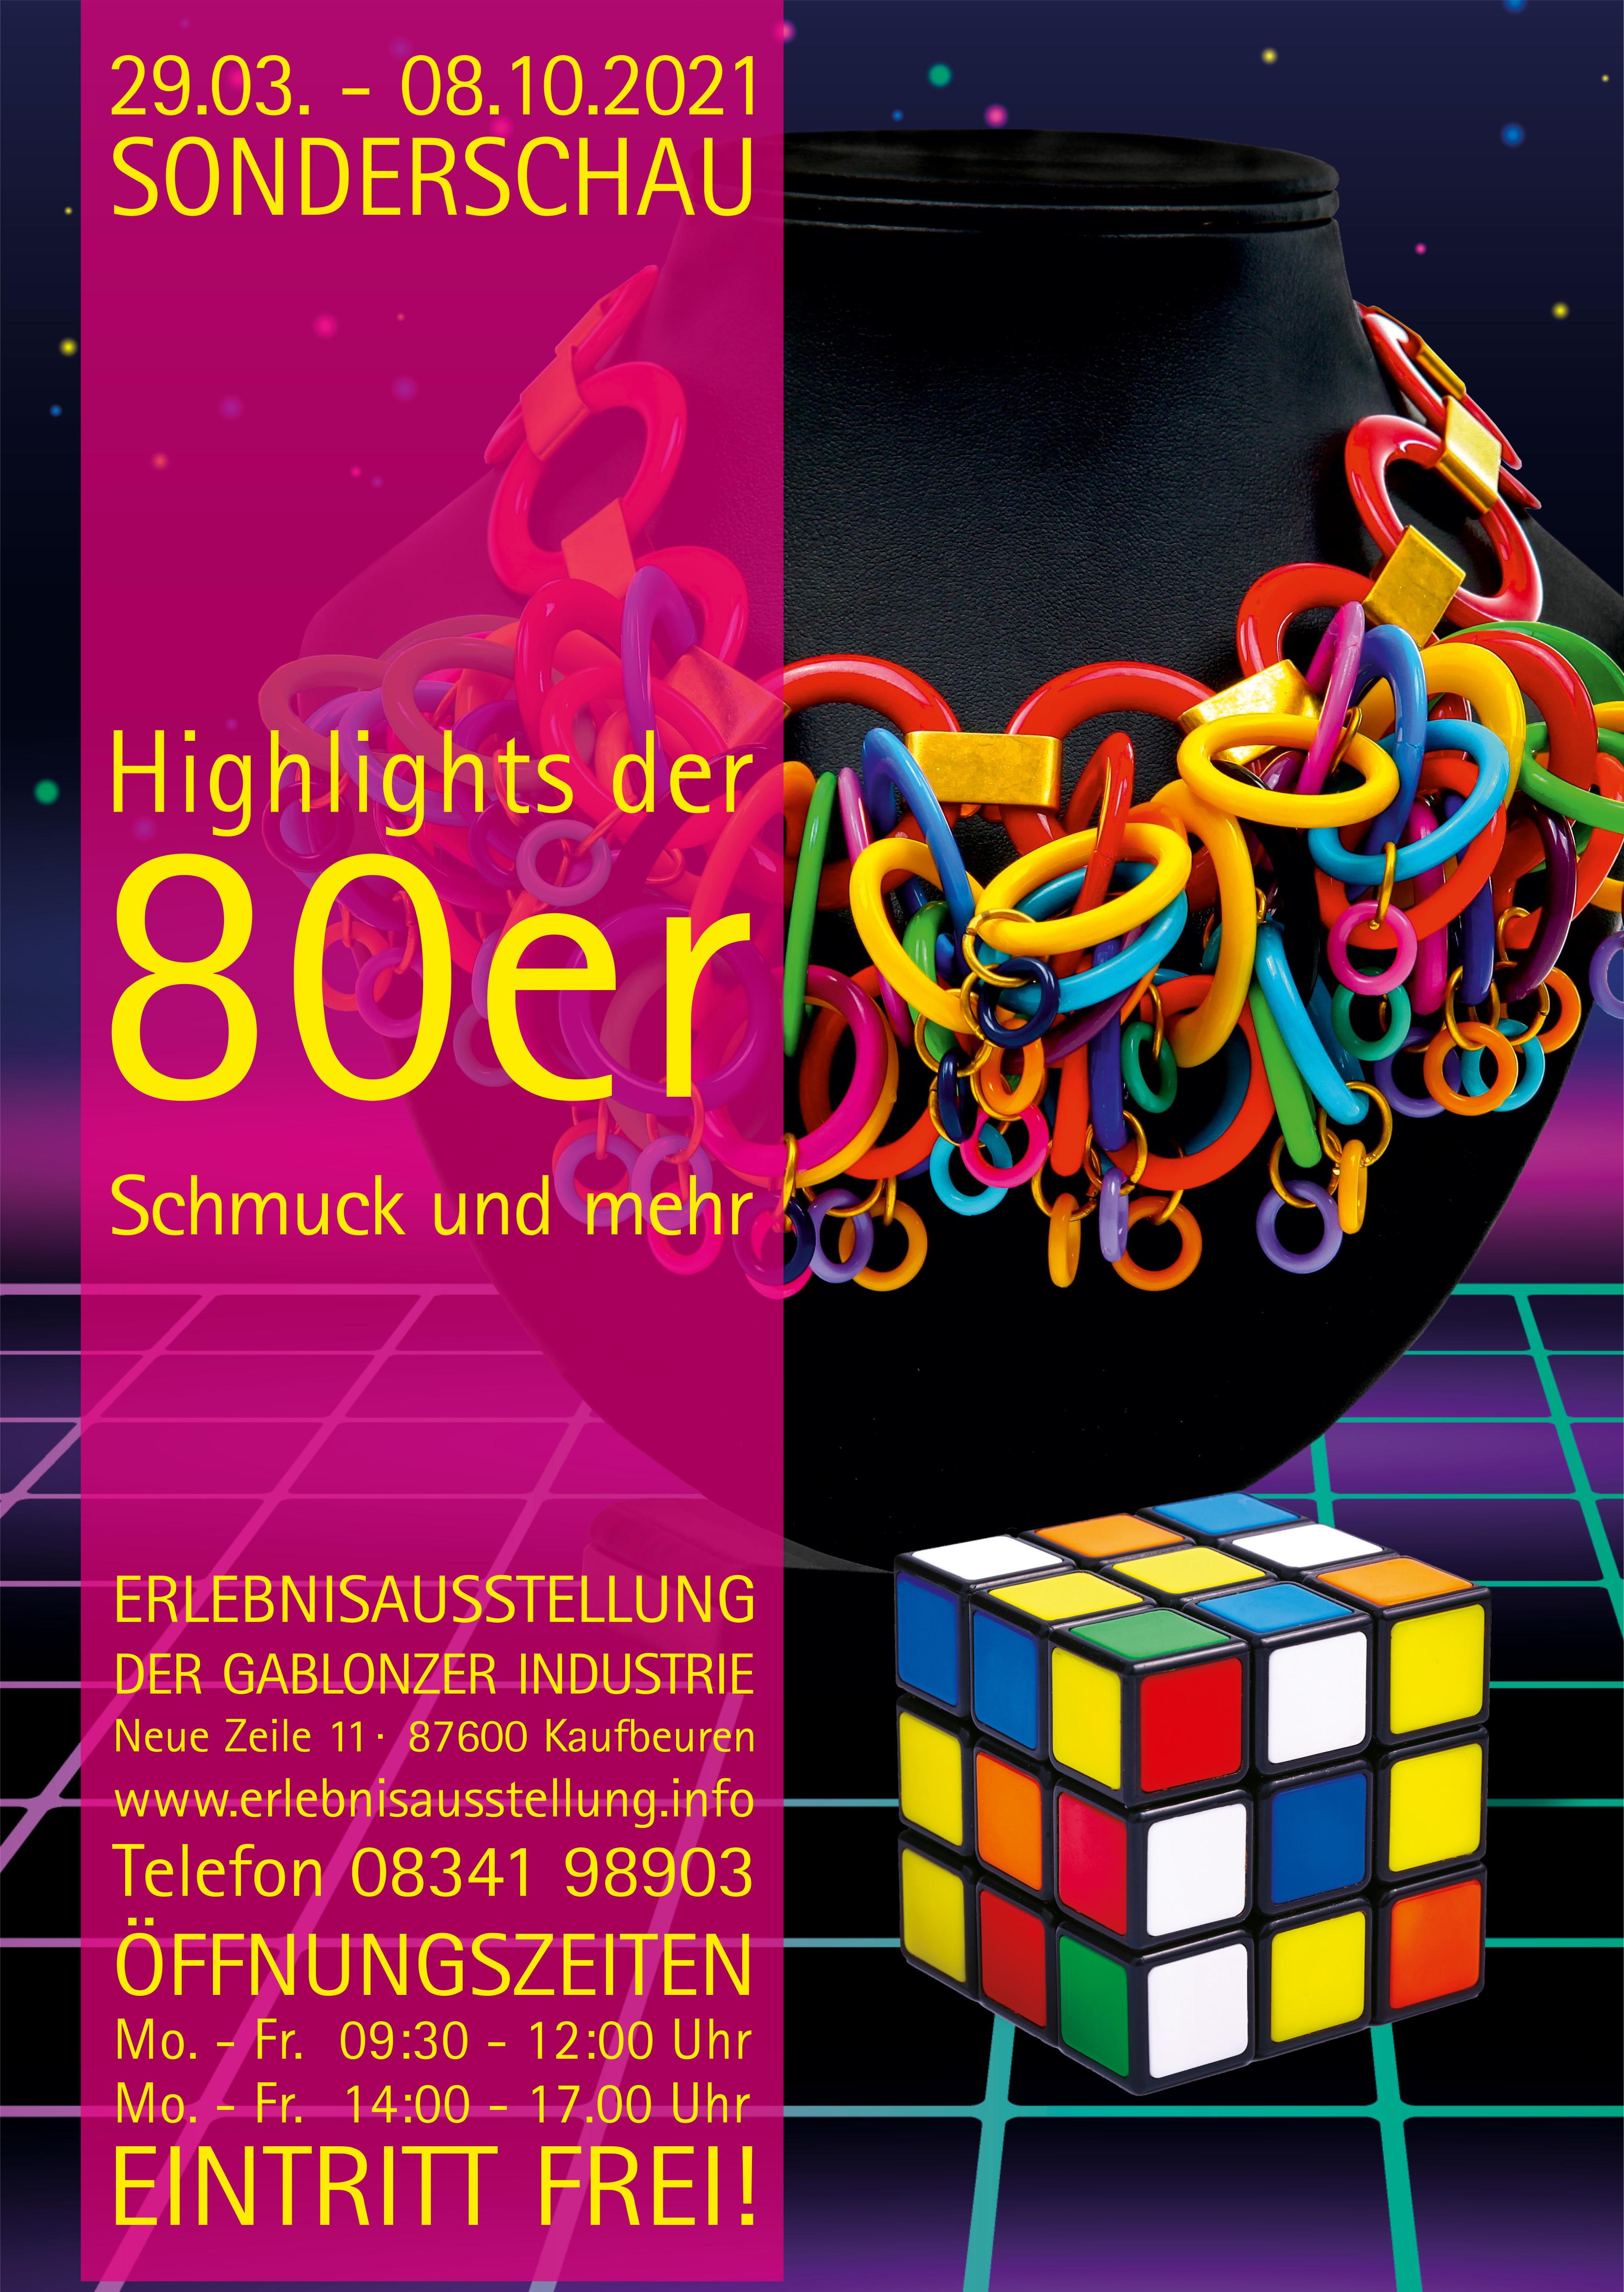 HIGHLIGHTS DER 80er - Schmuck und mehr